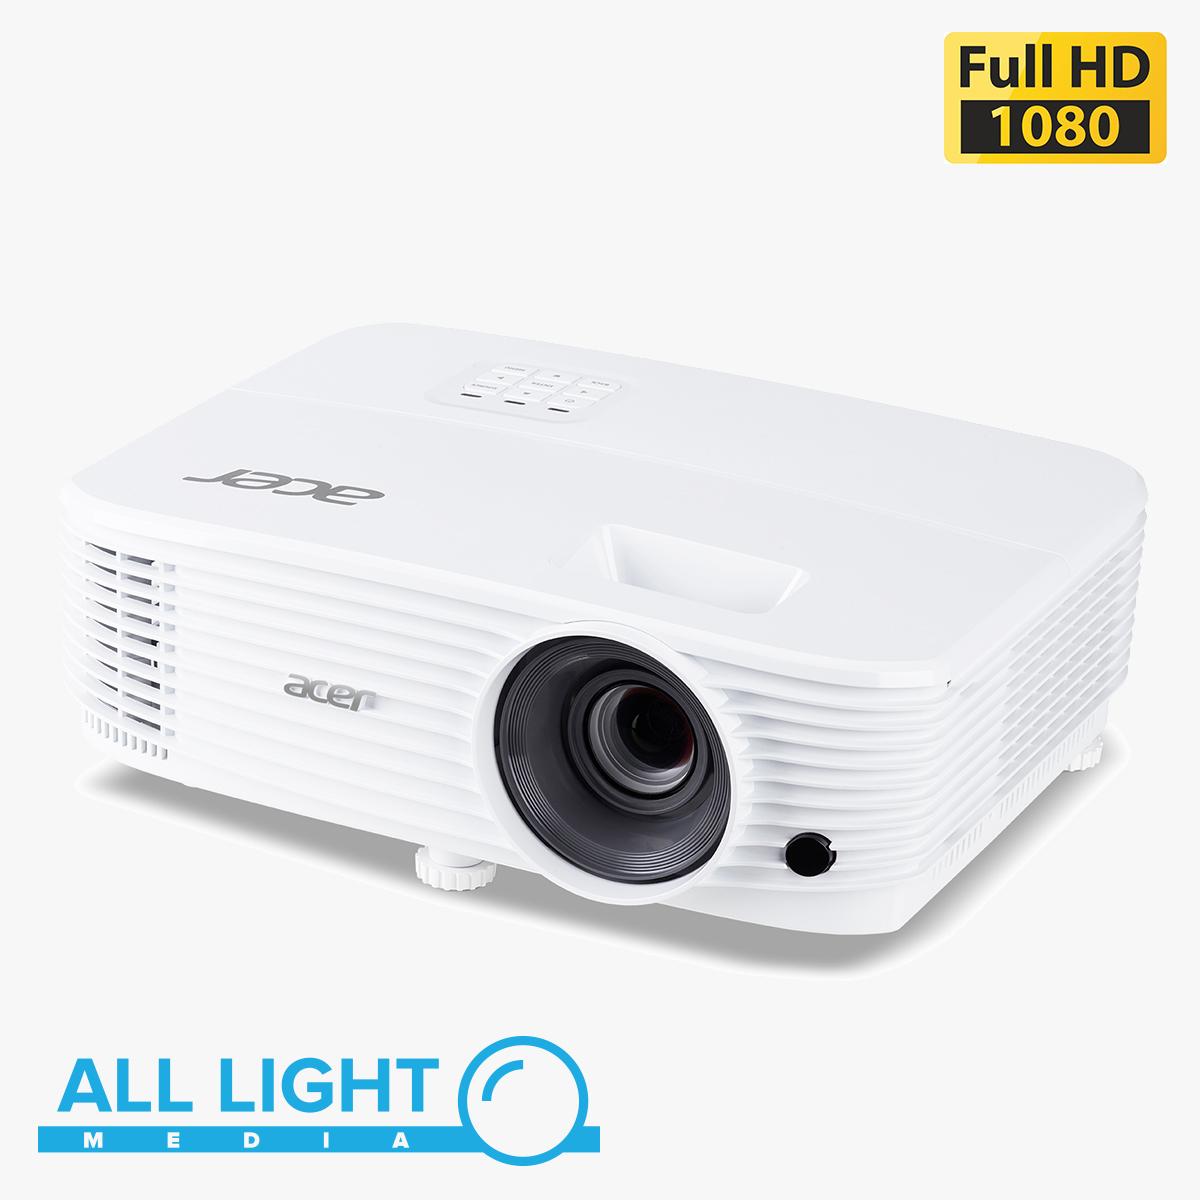 Проектор 4000 люмен Full HD Acer P5530